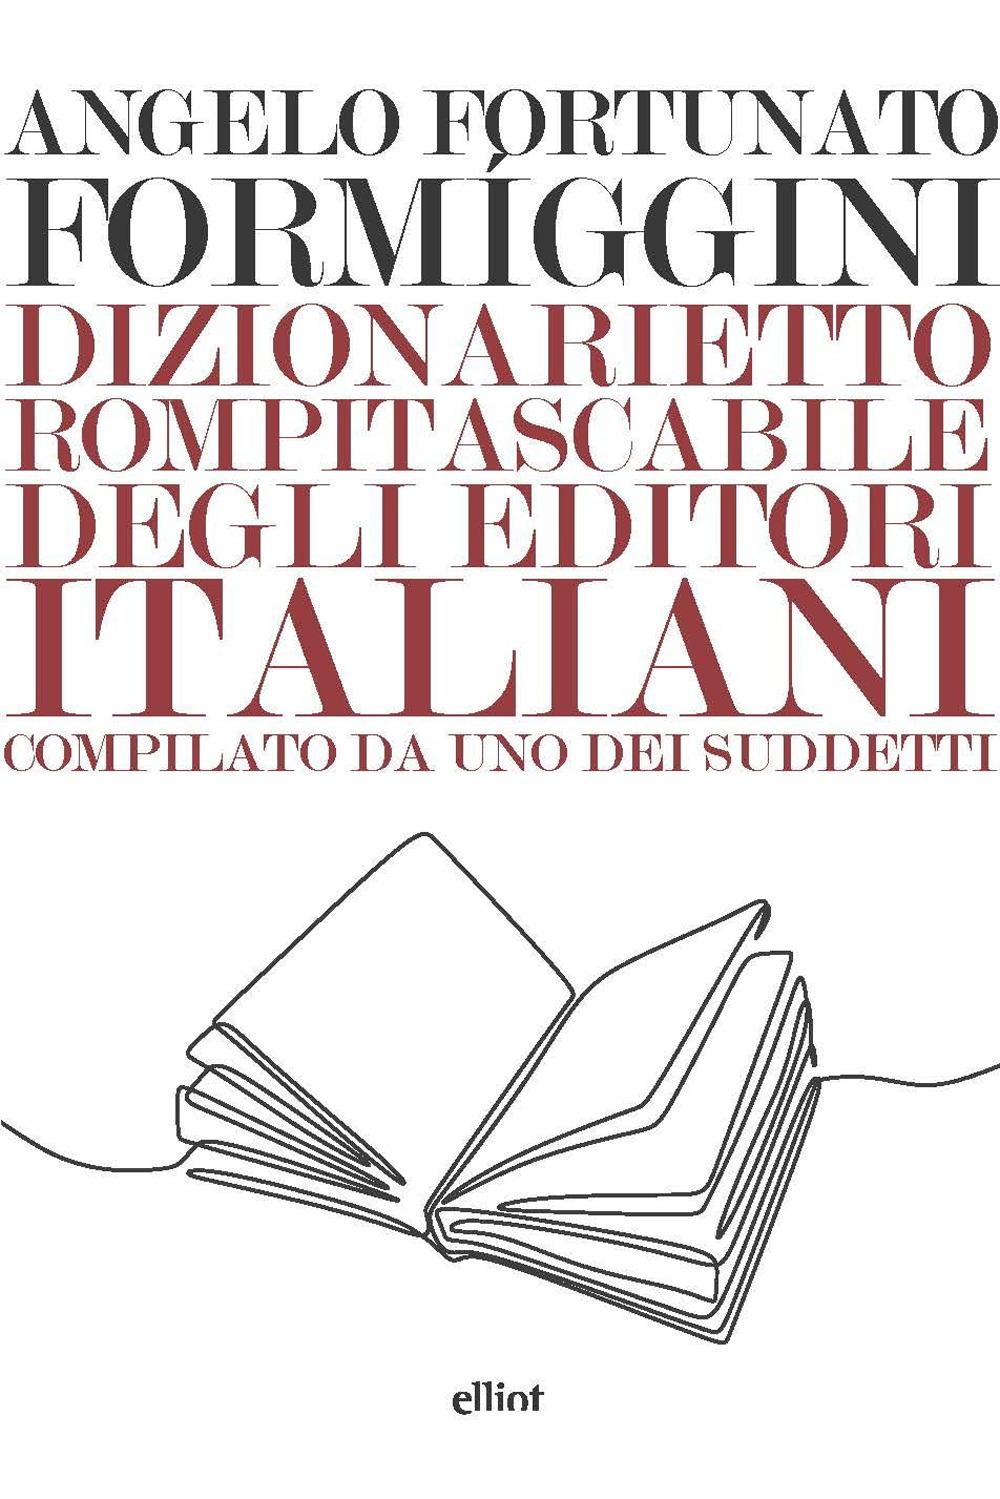 DIZIONARIETTO ROMPITASCABILE DEGLI EDITORI ITALIANI - Formiggini Angelo F. - 9788892760066